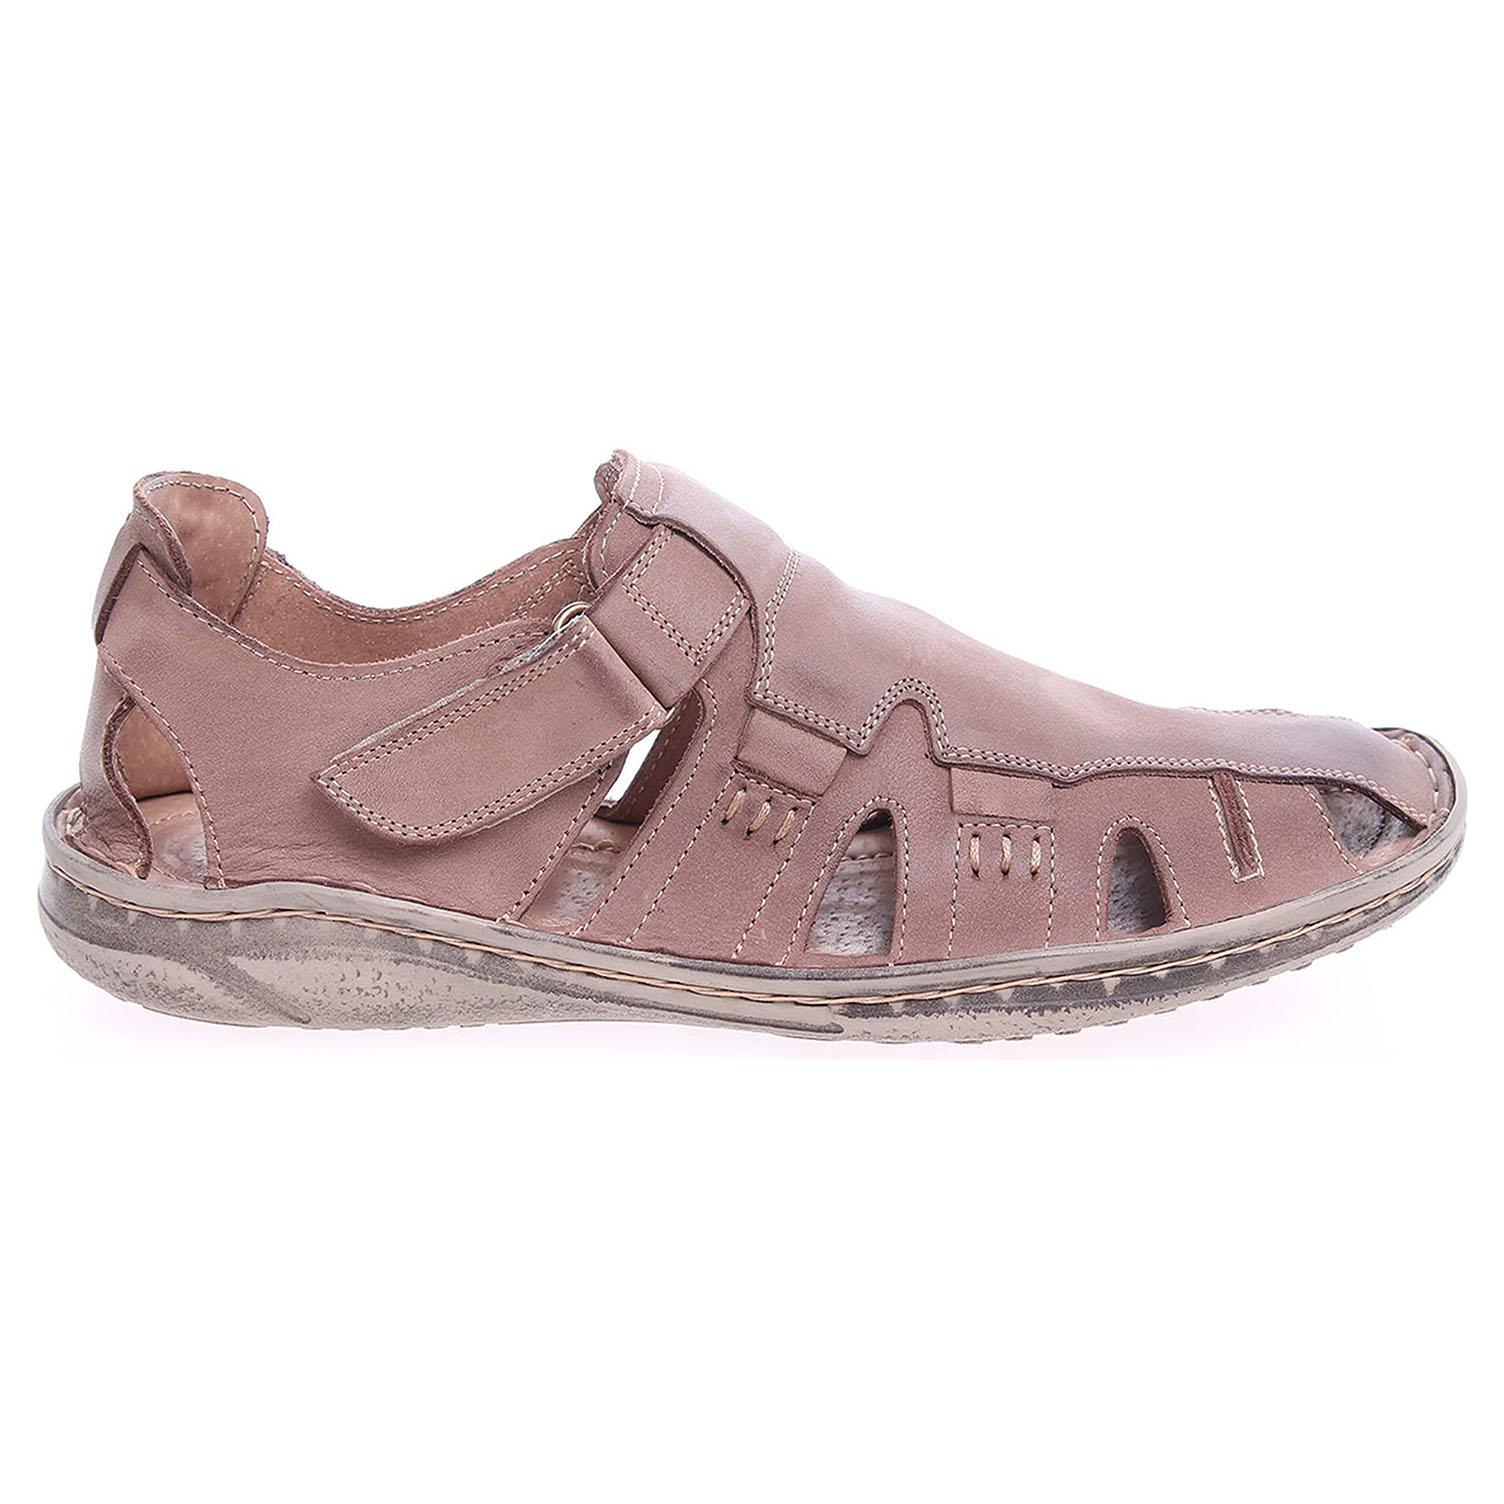 Ecco Pánské sandály EF216 MST hnědé 24700232